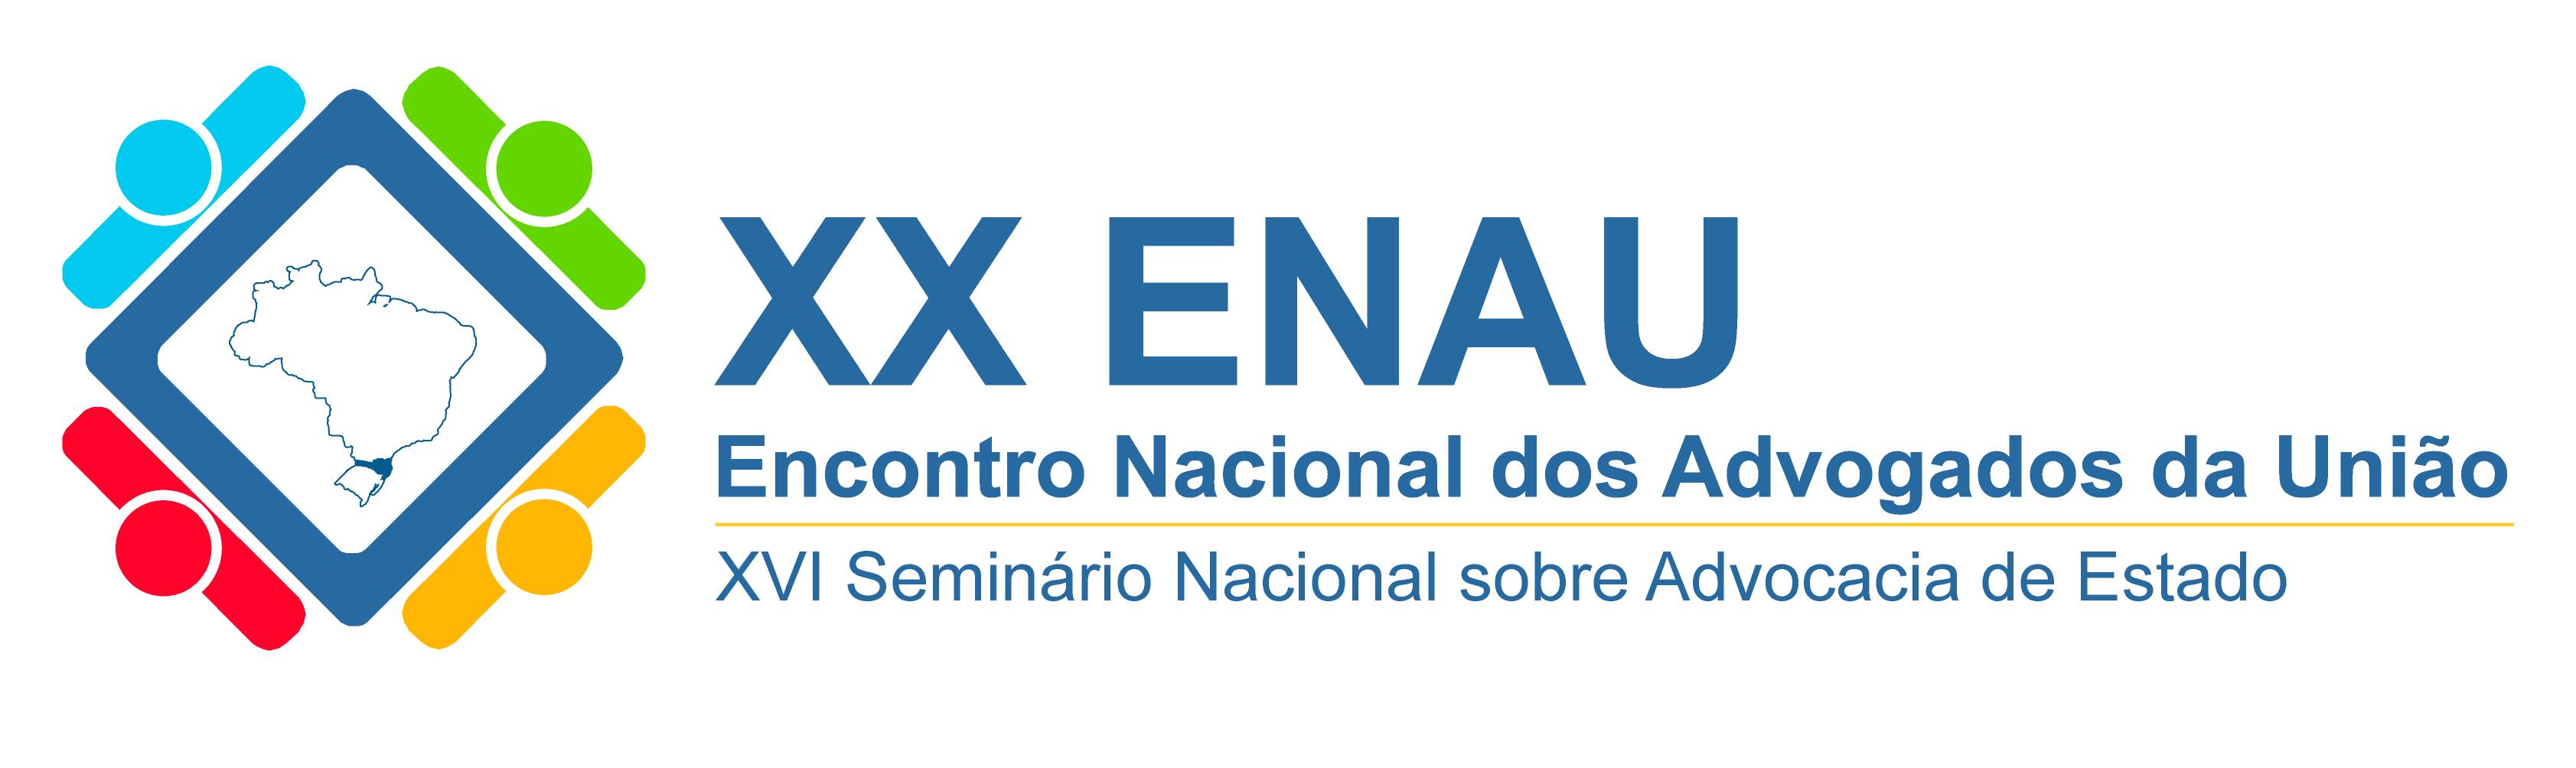 XX ENAU